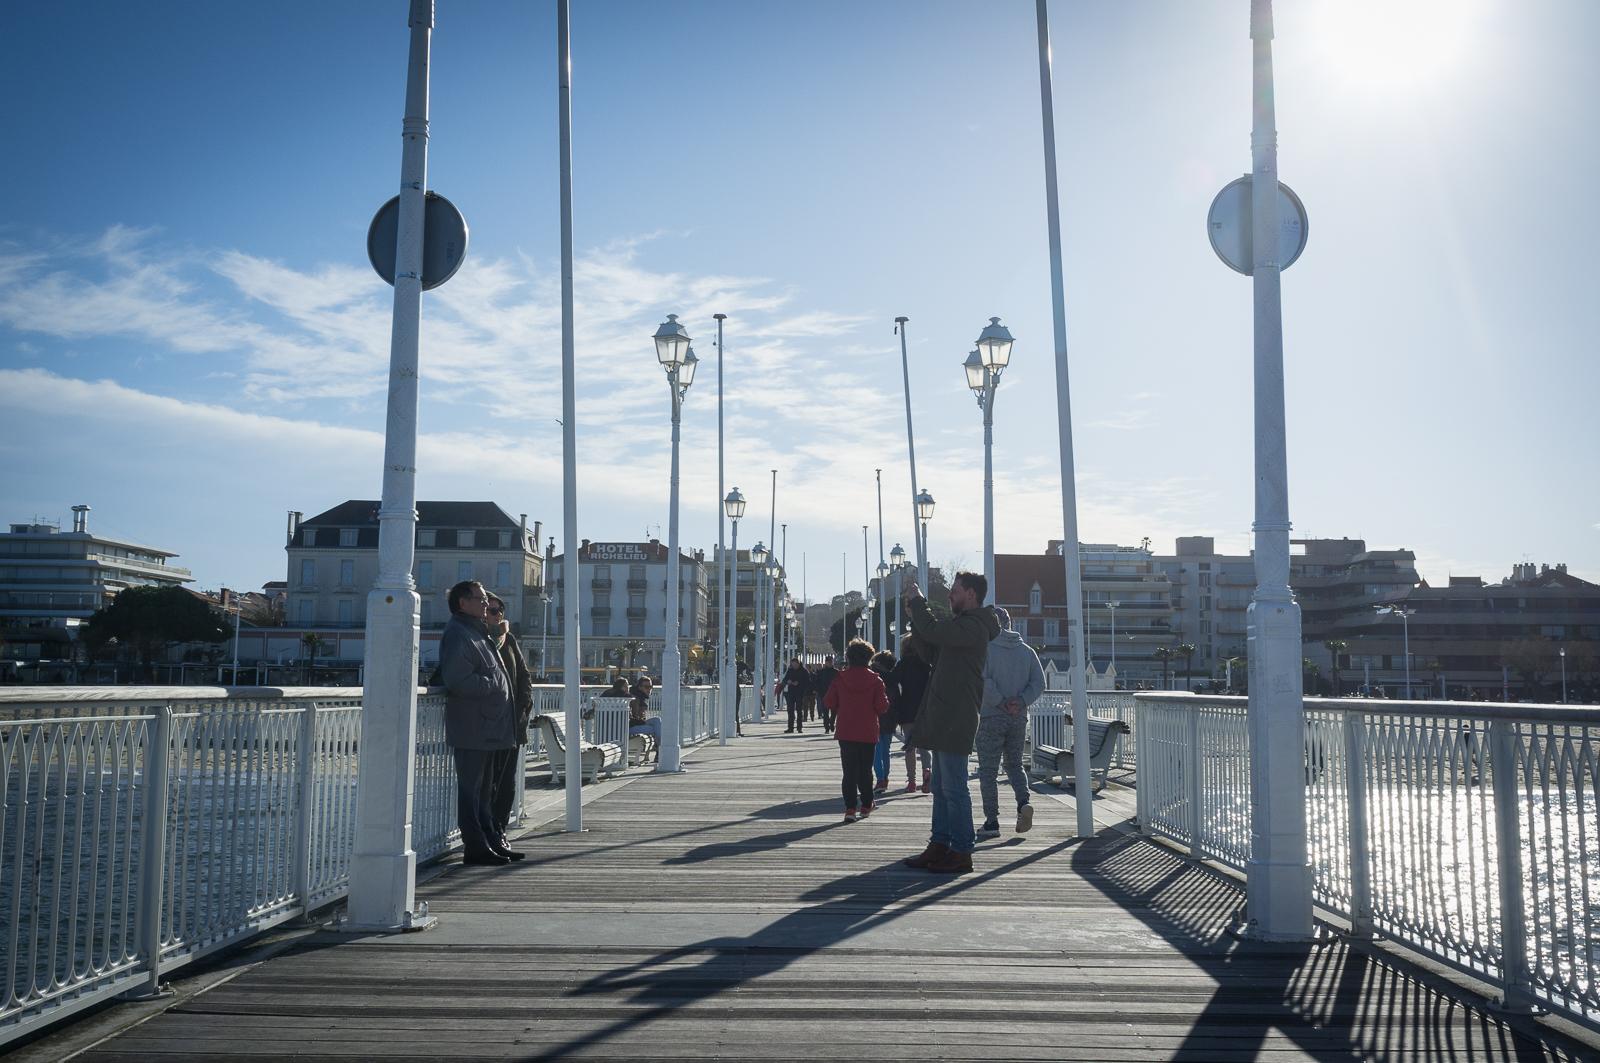 Arcachon, on the Pier, December 31, 2017